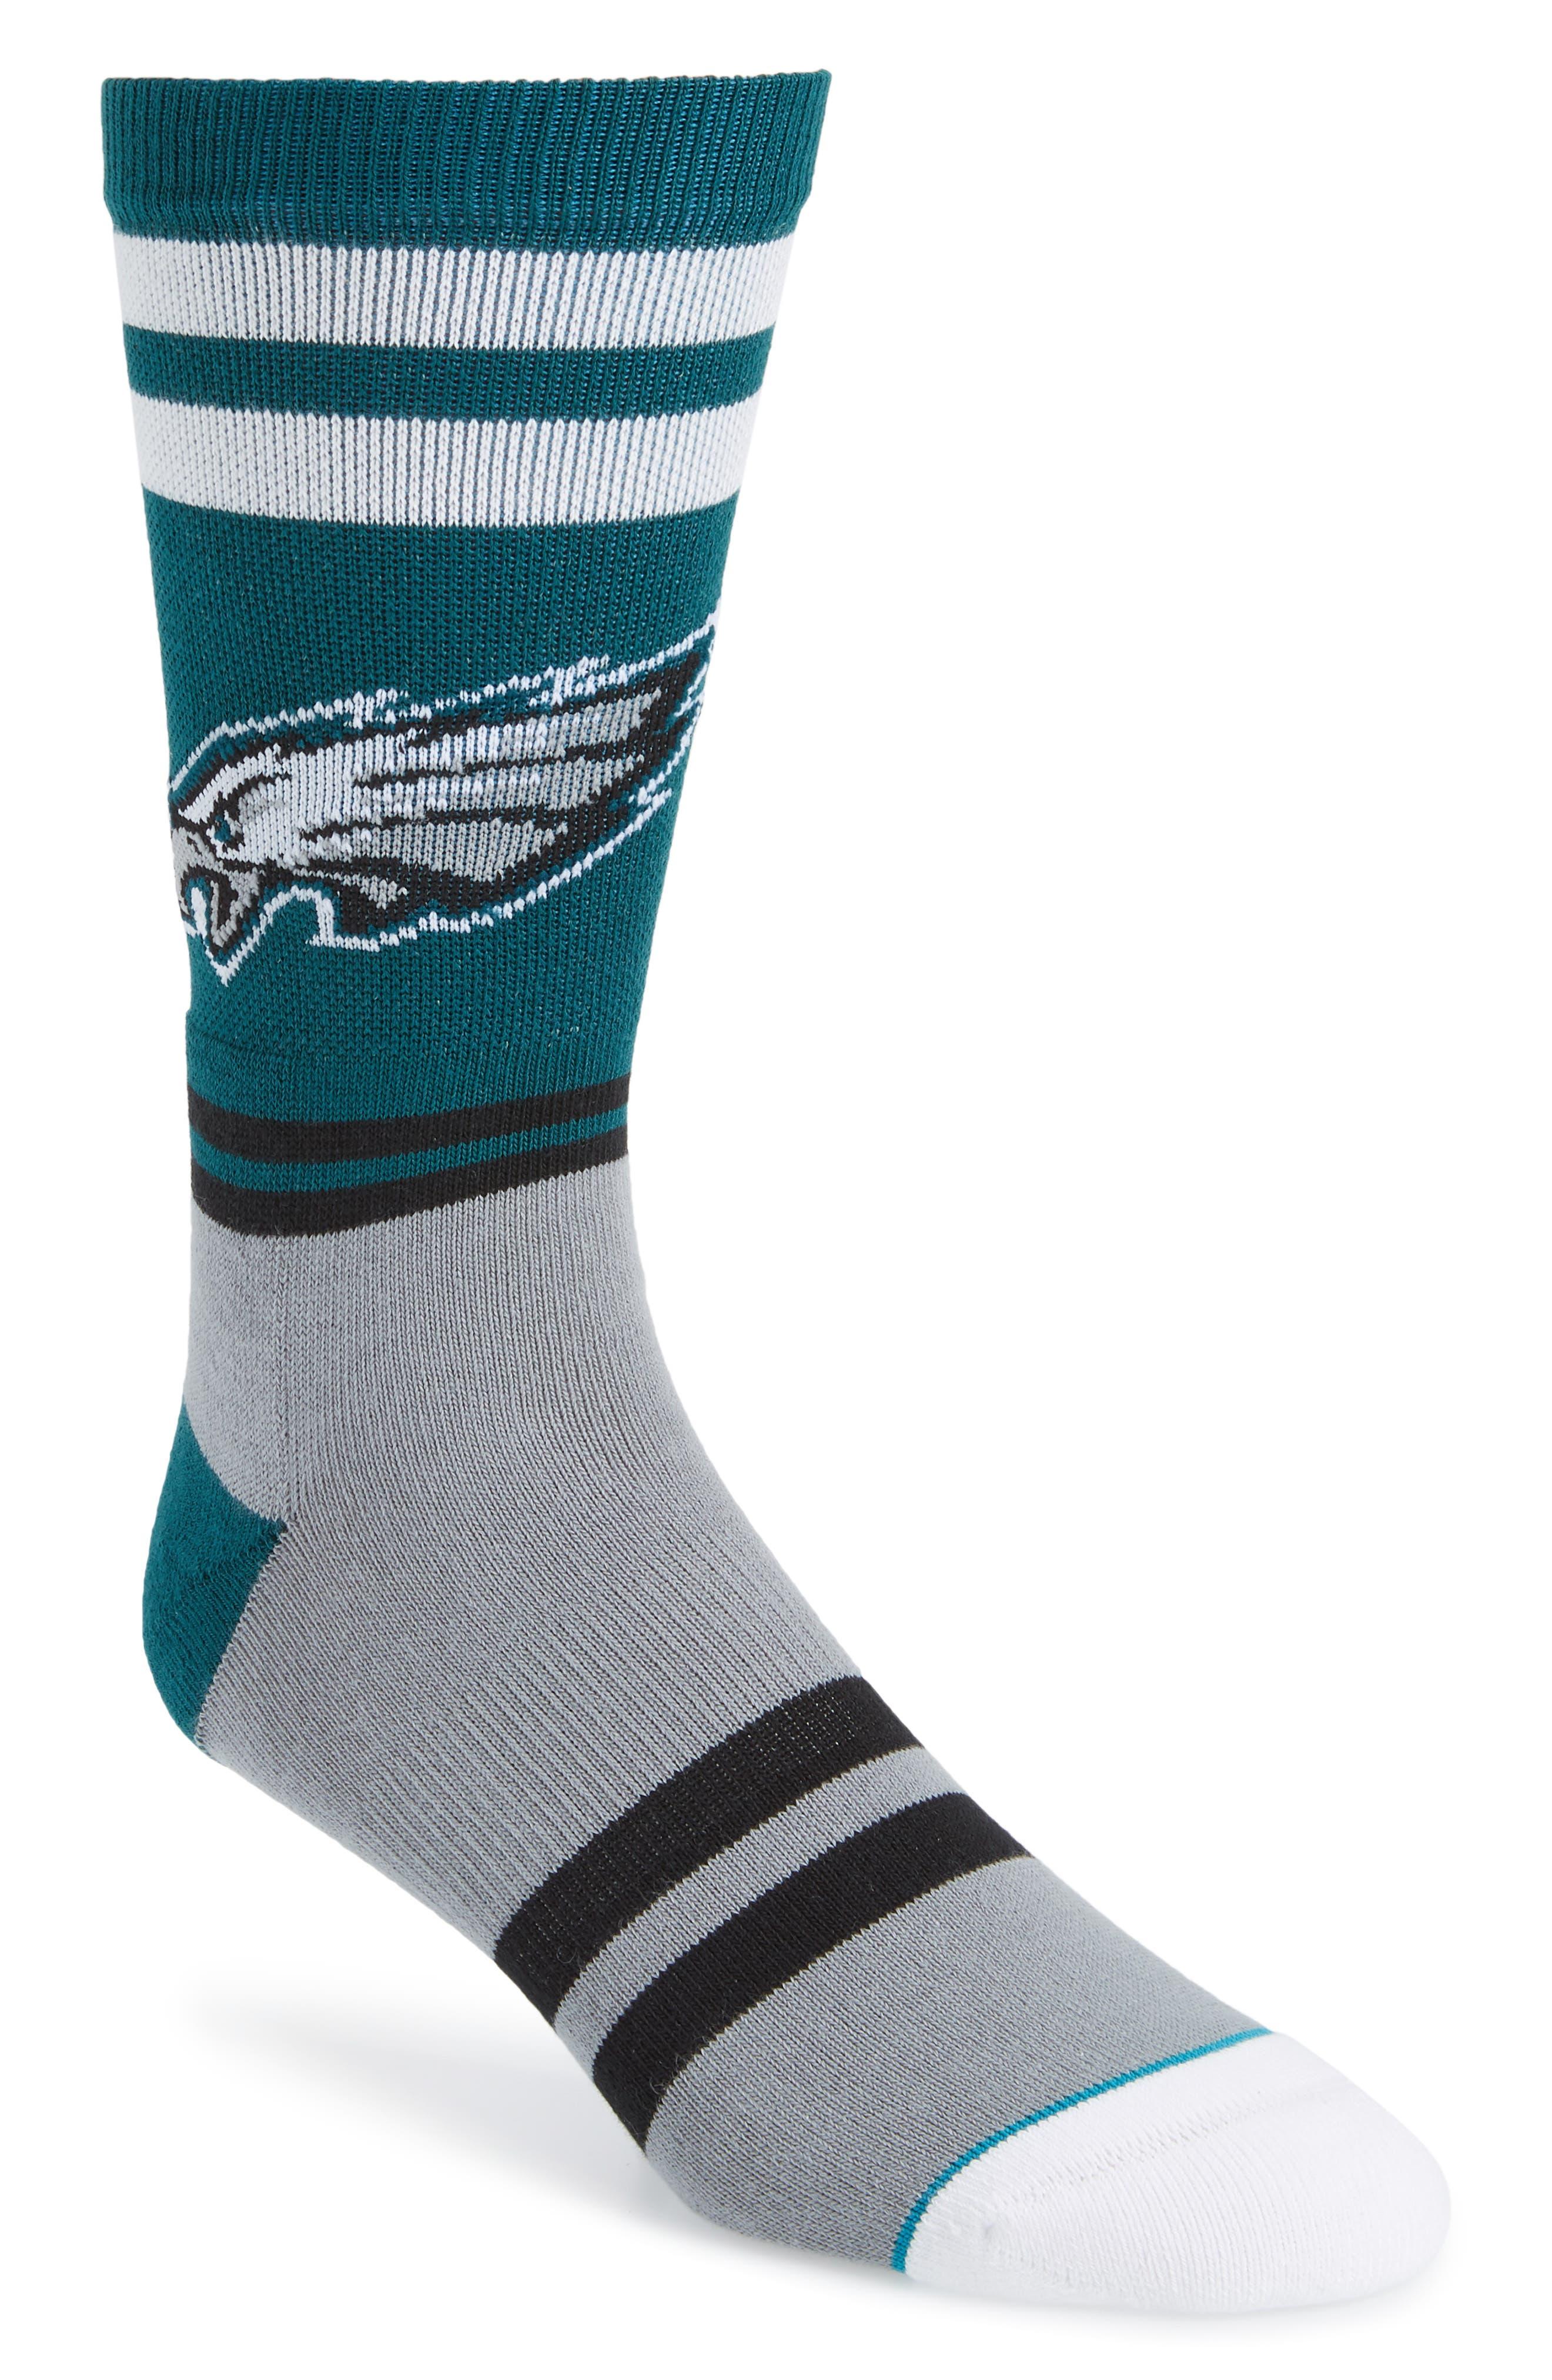 Philadelphia Eagles Socks,                             Main thumbnail 1, color,                             GREEN